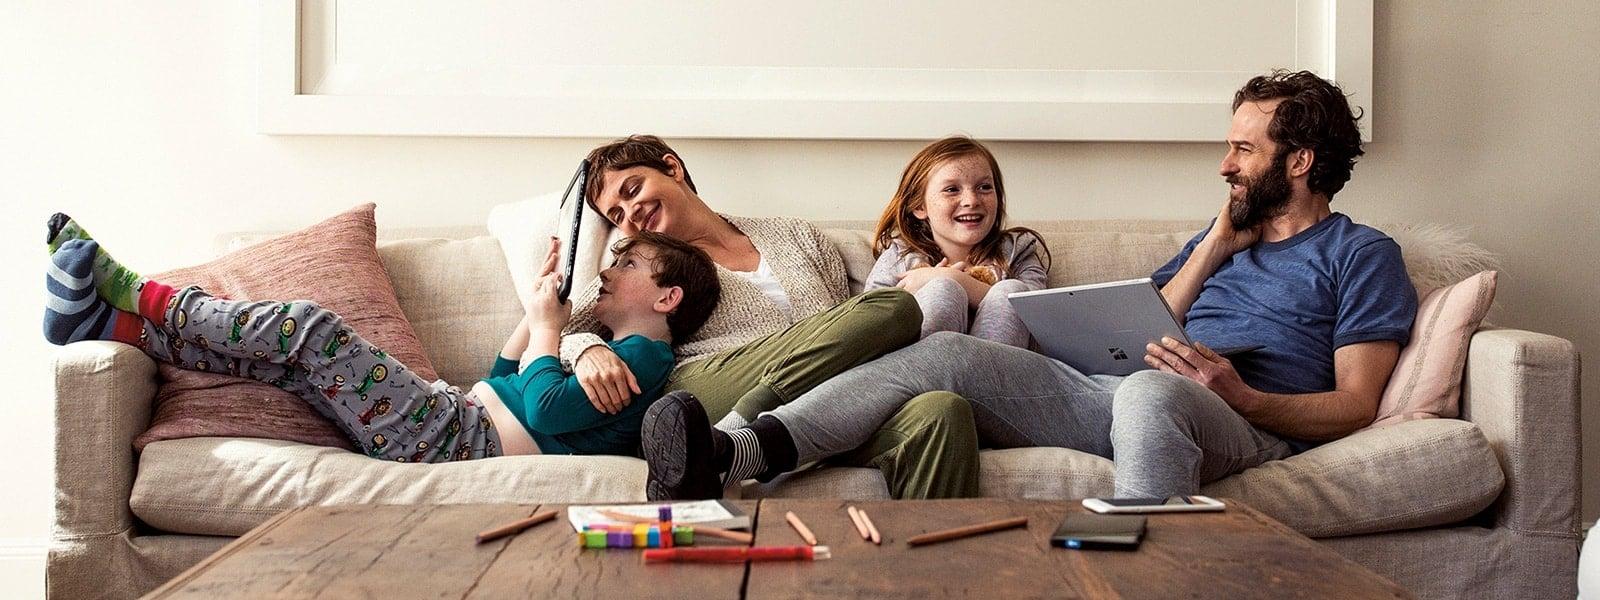 Familj på soffa